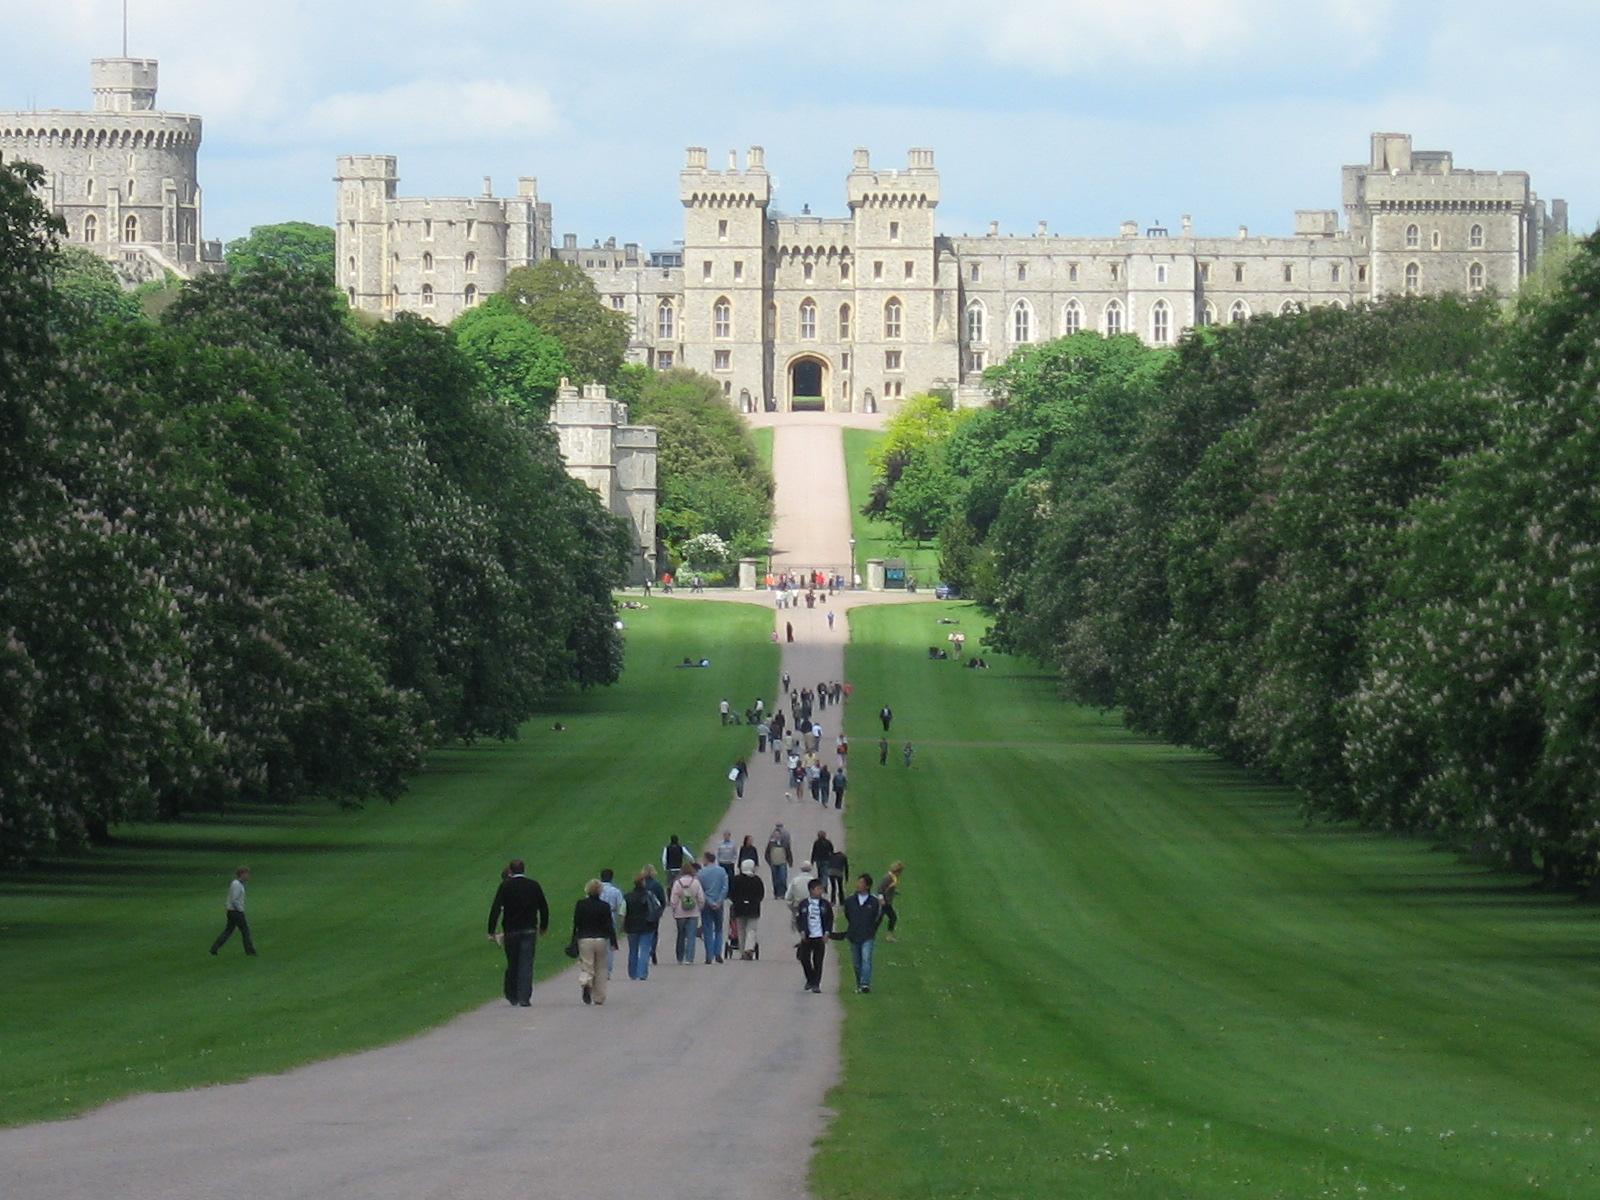 windsor castle a look at the world 39 s oldest castle. Black Bedroom Furniture Sets. Home Design Ideas